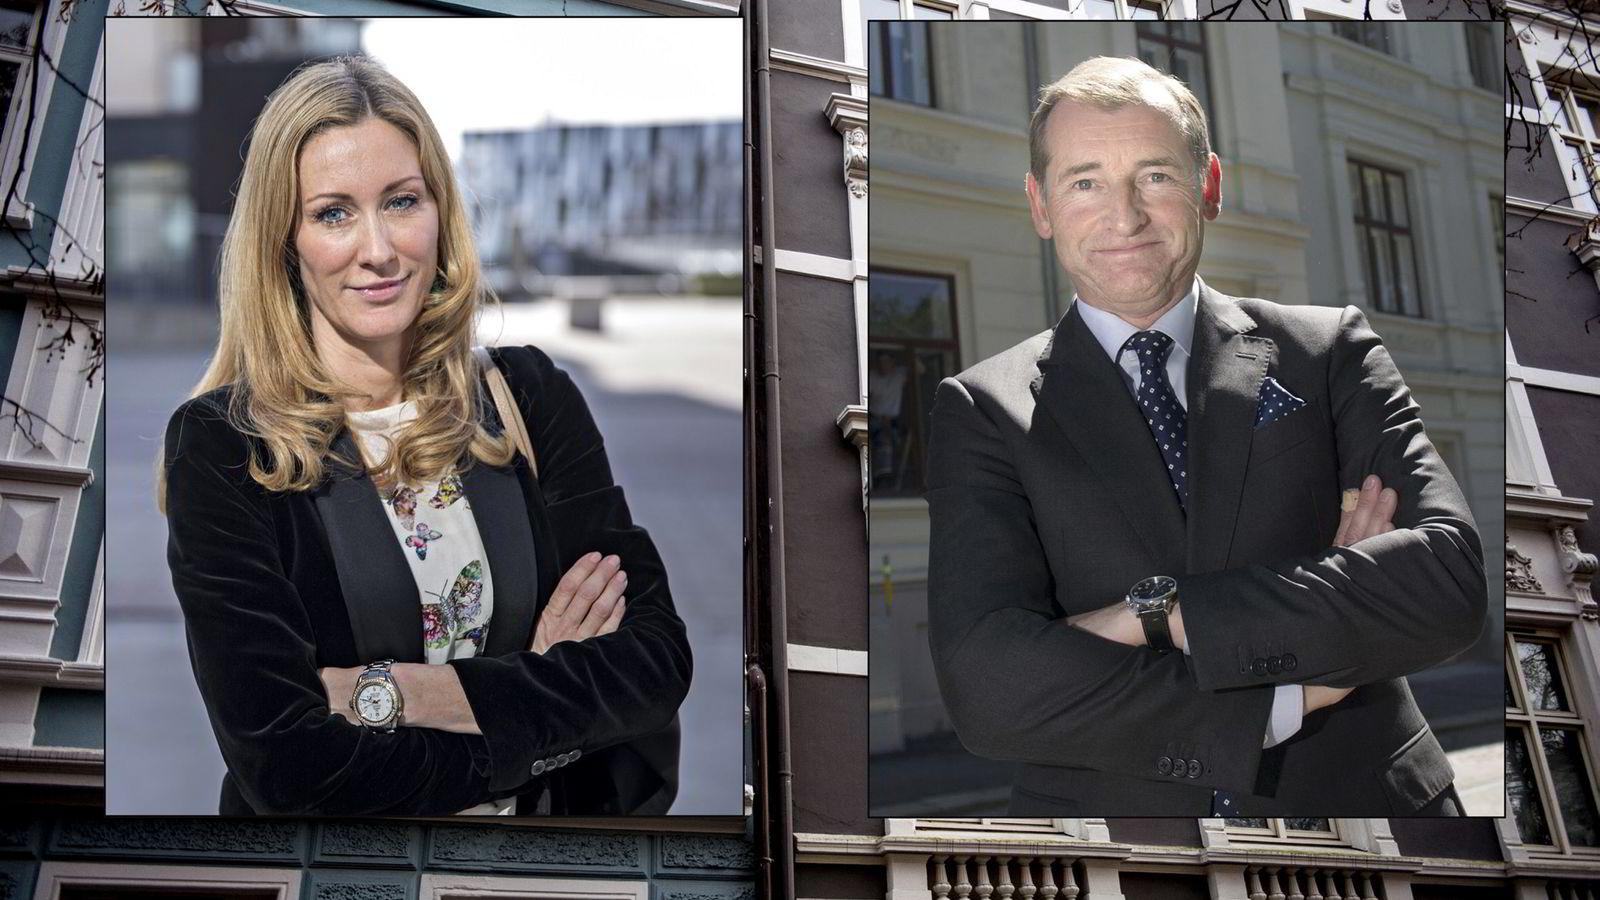 Administrerende direktør Hedda K. Ulvness i Eie Eiendomsmegling og administrerende direktør Carl O. Geving i Norges Eiendomsmeglerforbund.